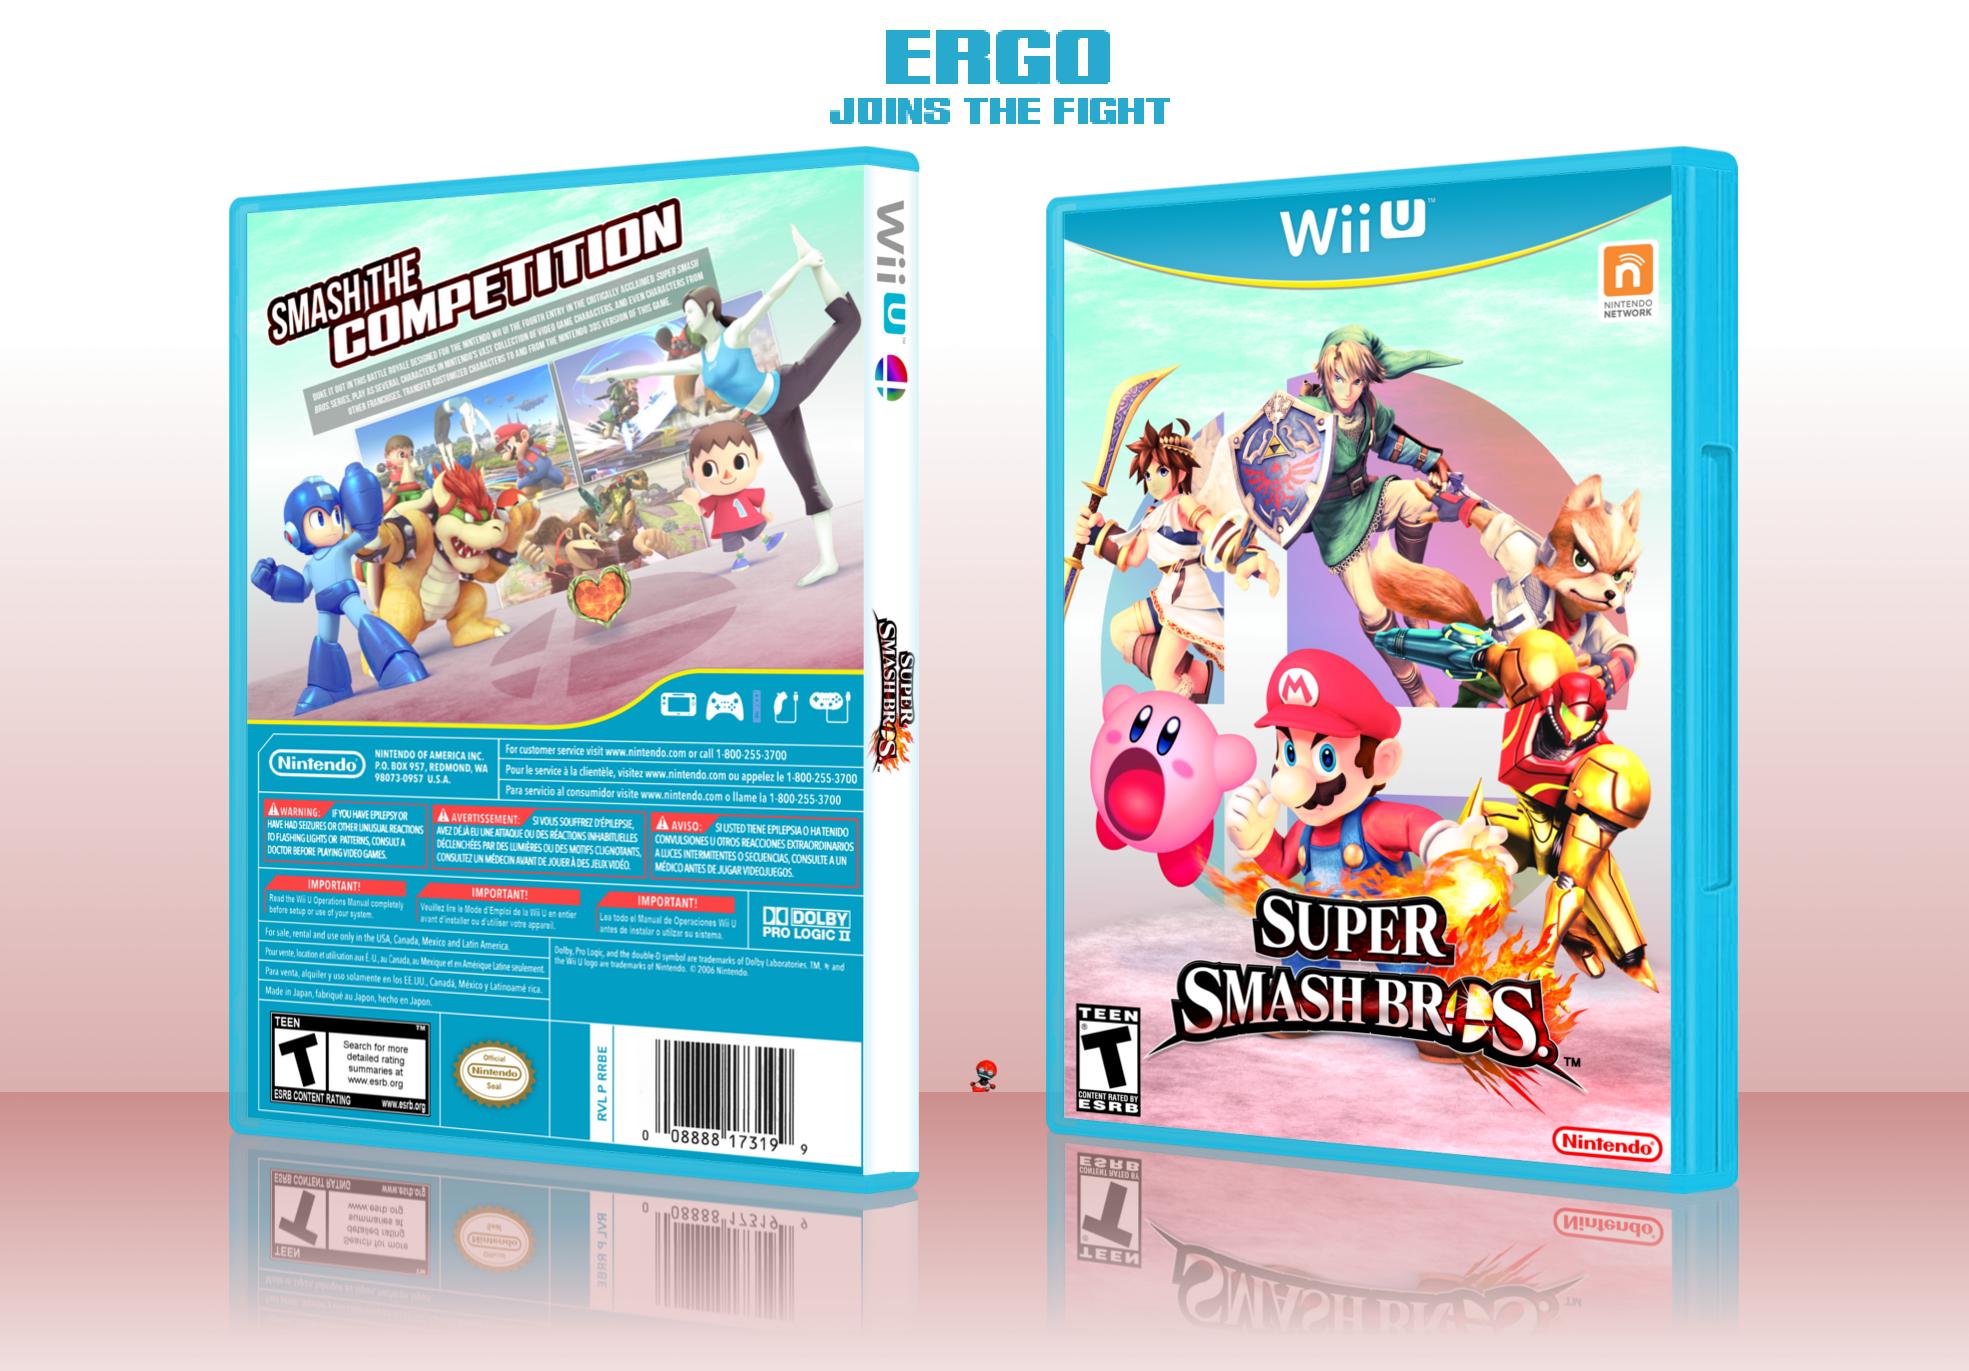 Super Smash Bros For Wii U Wii U Box Art Cover By Ergo